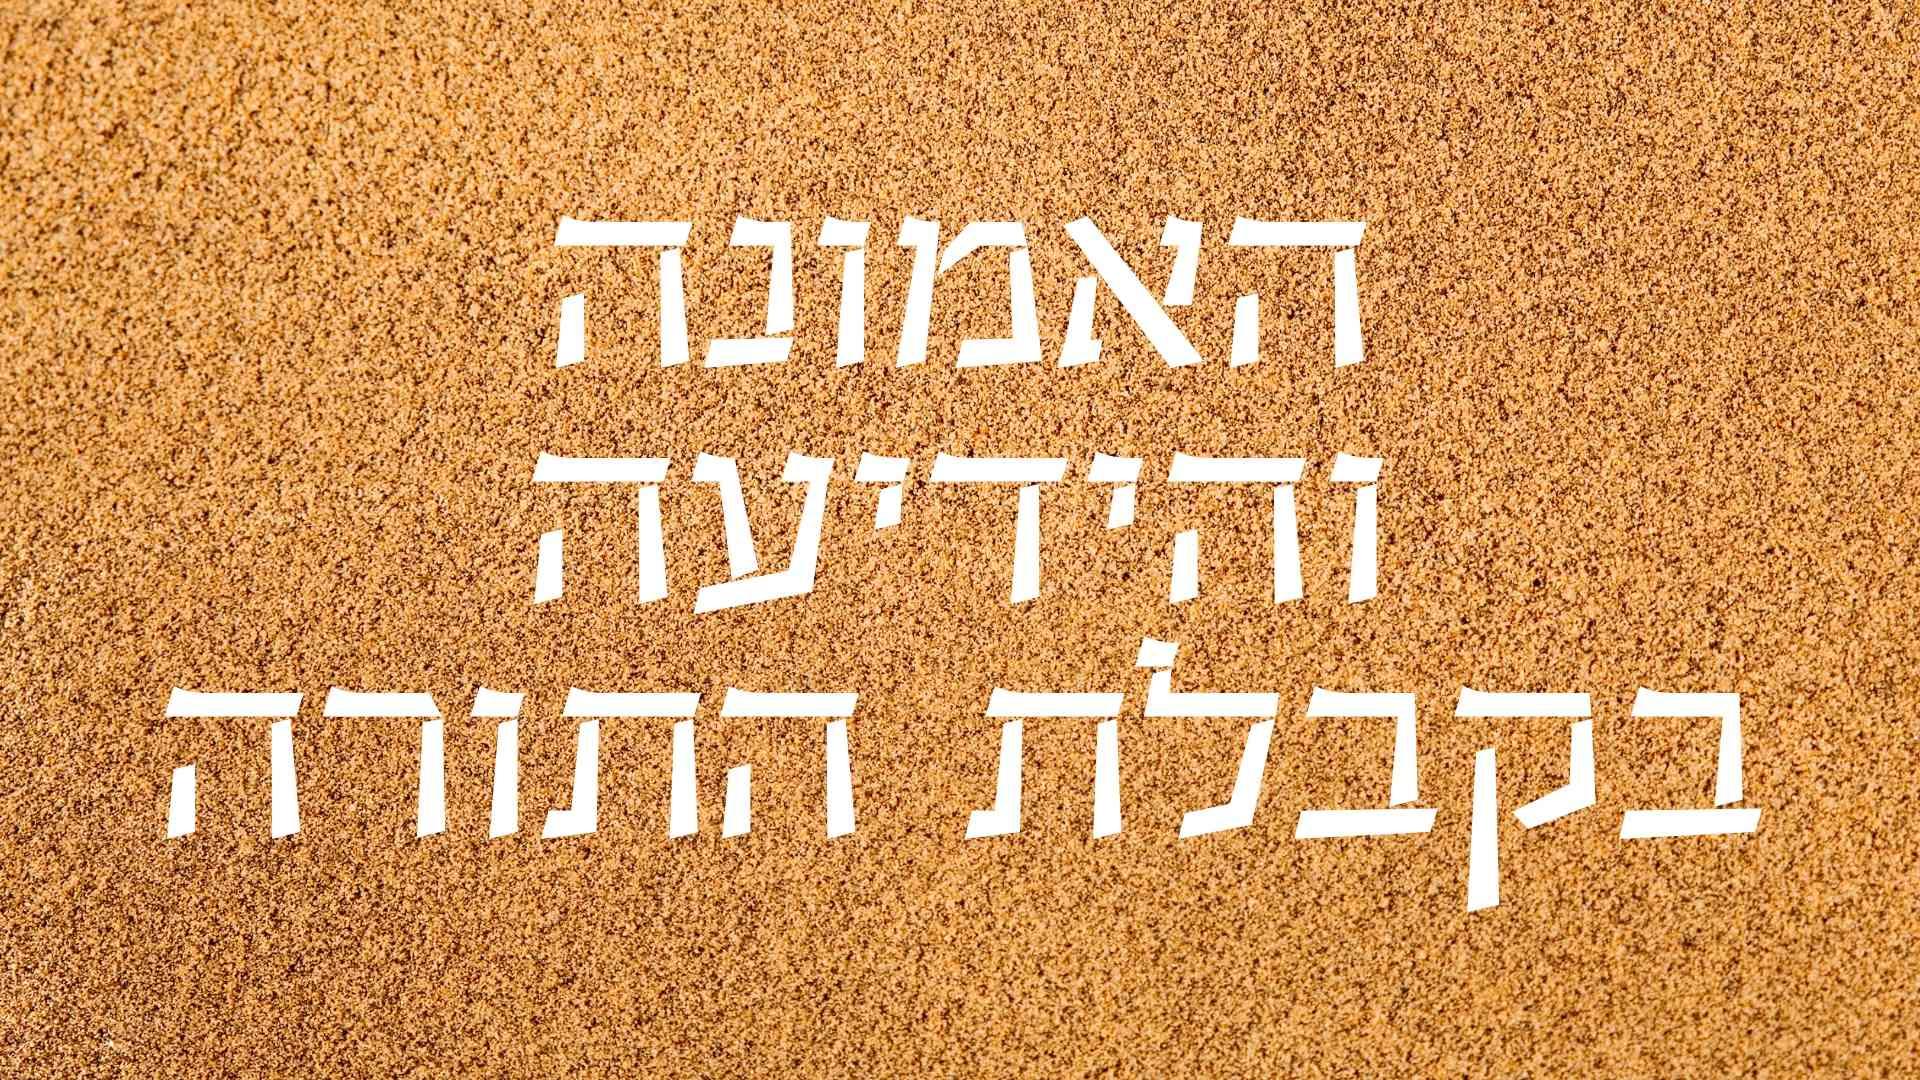 האמונה והידיעה בקבלת התורה